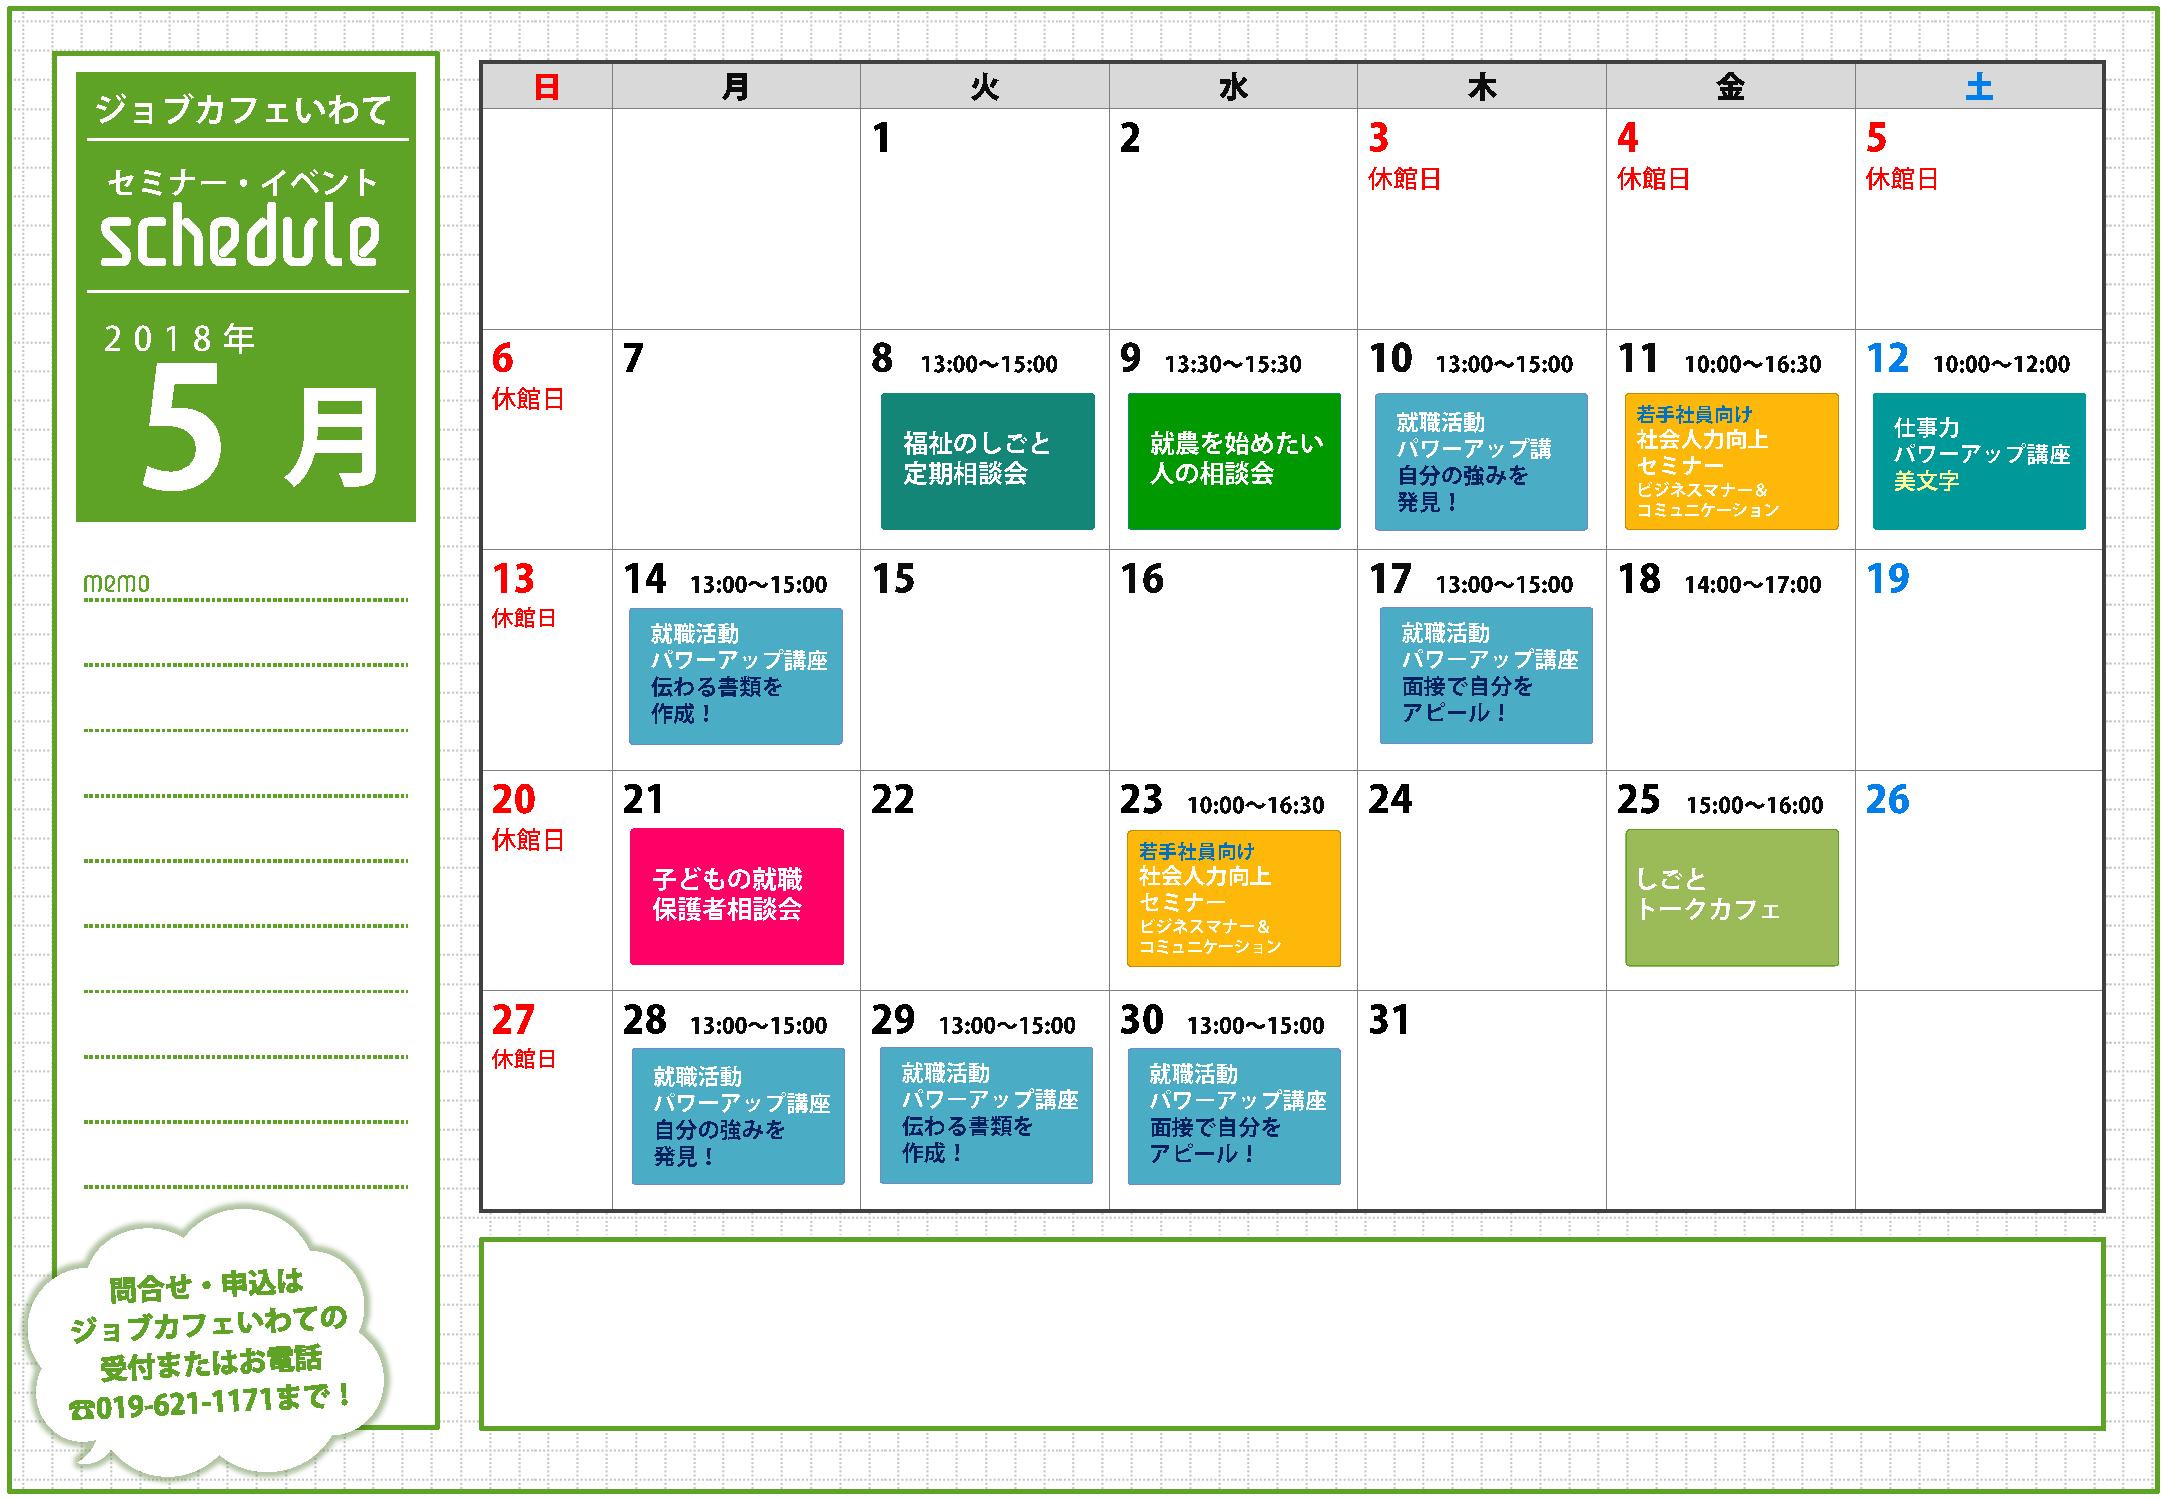 【カラー印刷用】セミナーイベント月毎スケジュールシート5月